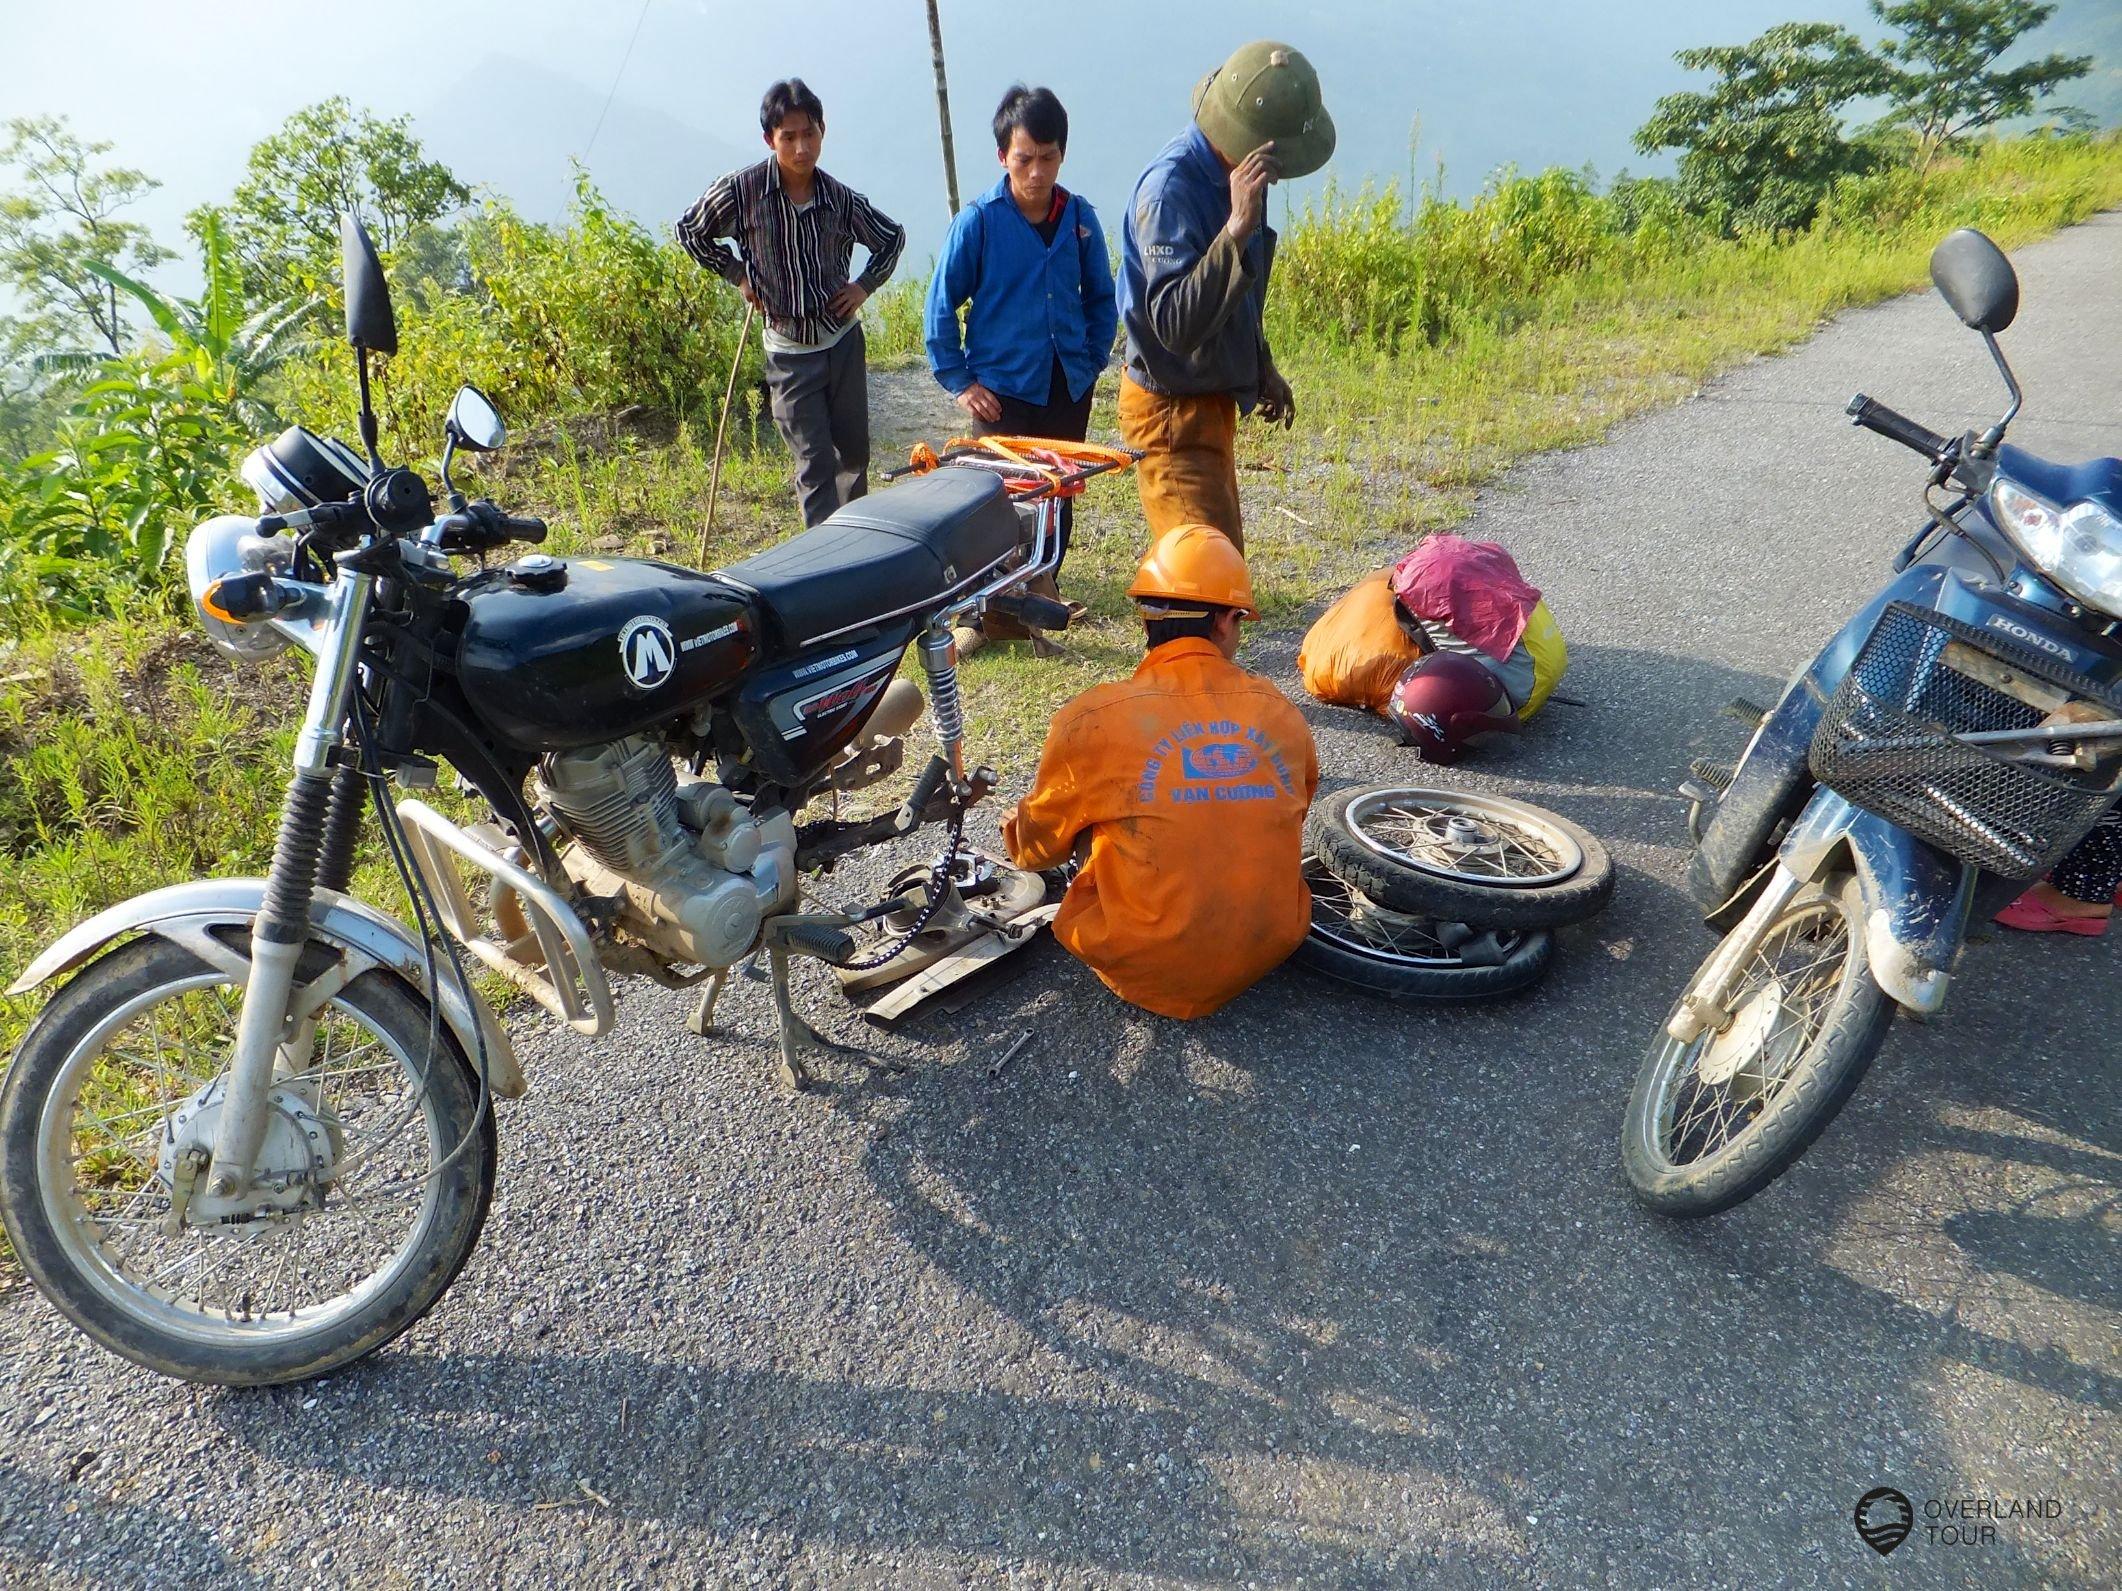 Unsere hilfsbereiten Vietnamesen